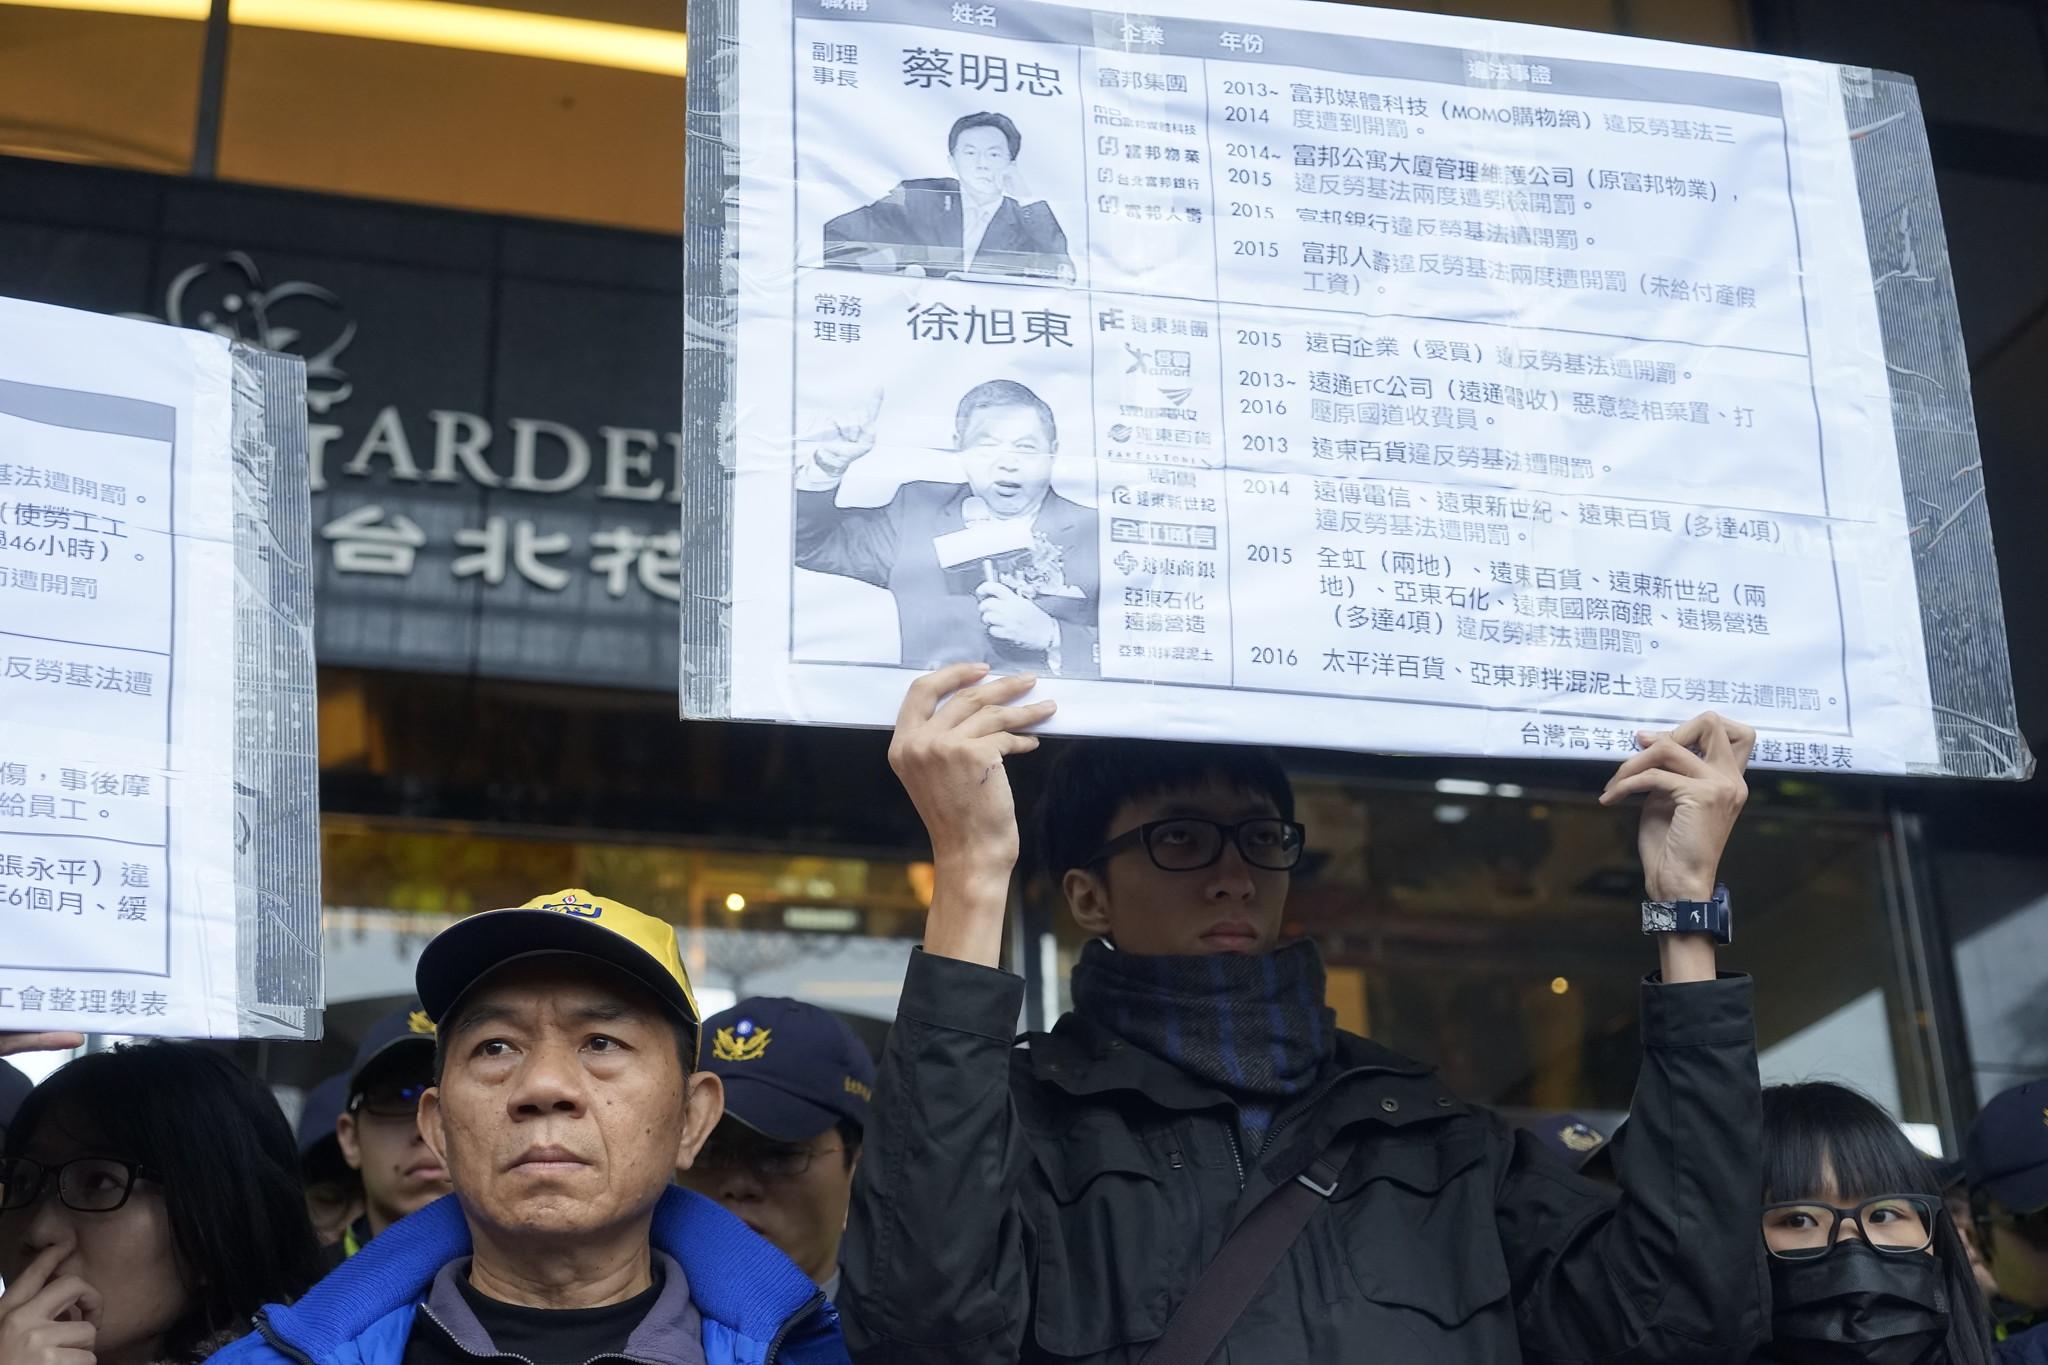 勞團再次點名工商協進會理事,如蔡明忠、徐旭東等人,都是違反勞基法的慣犯。(攝影:張宗坤)